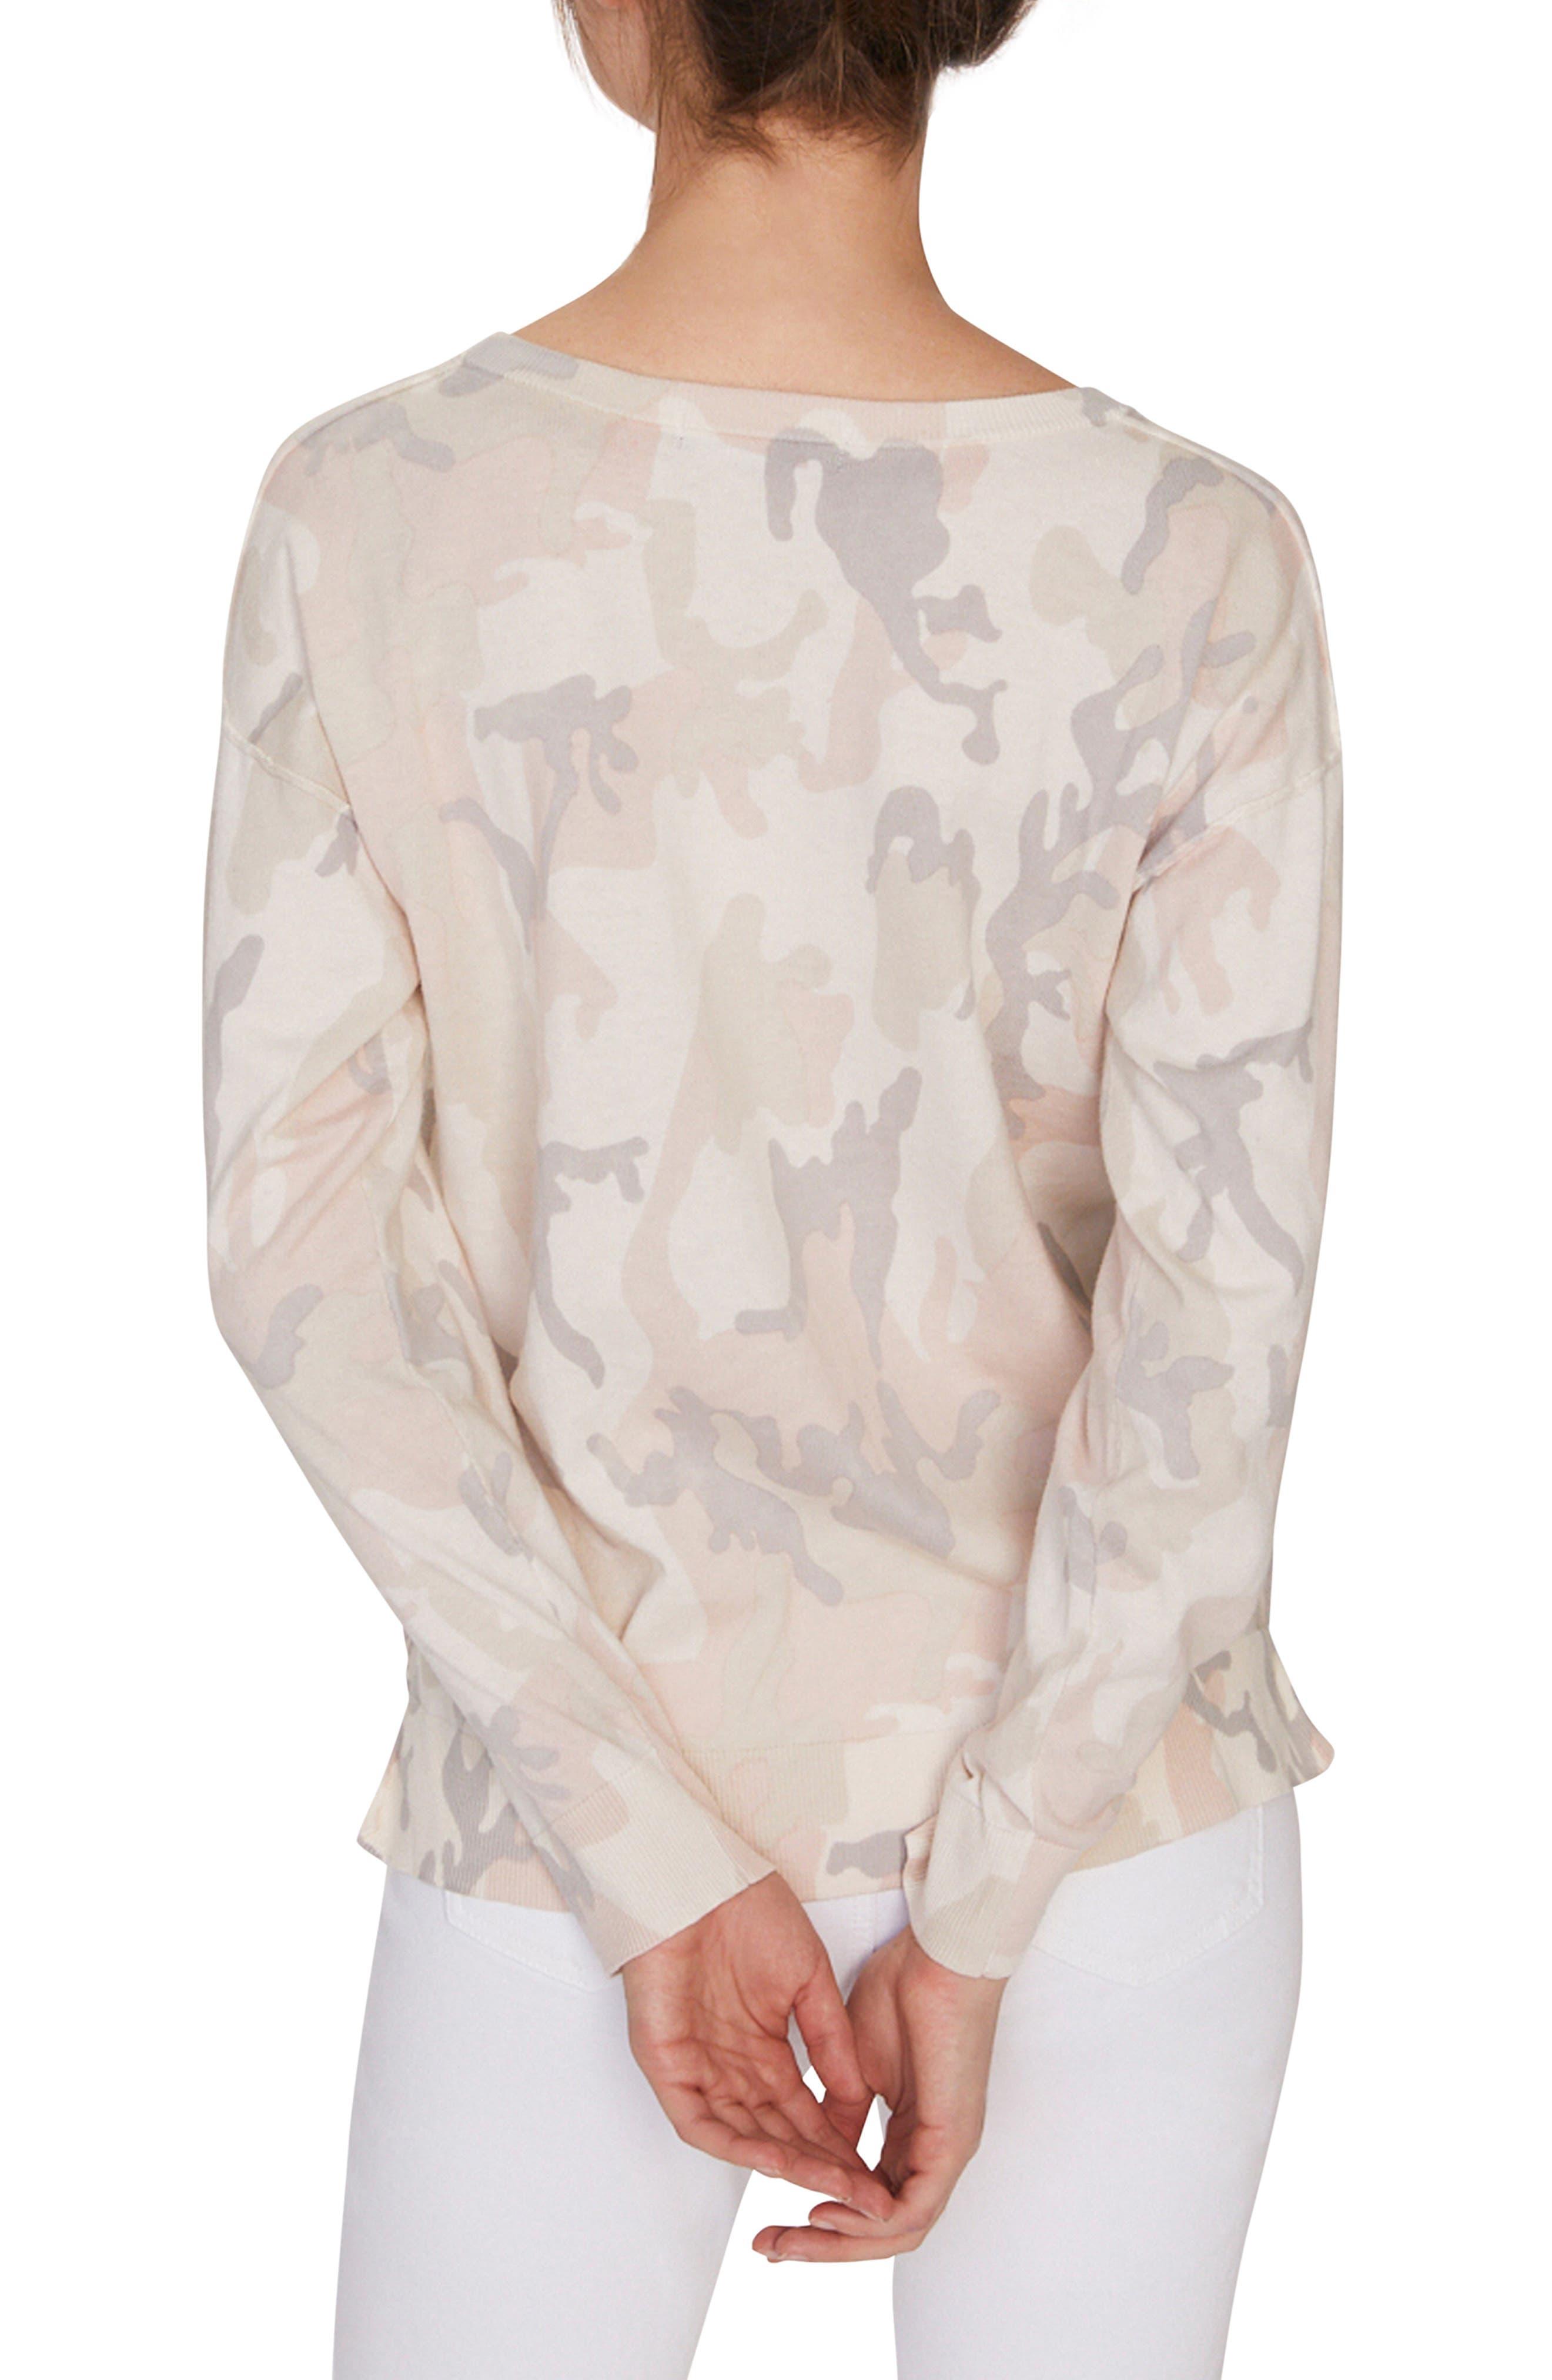 SANCTUARY, Pale Camo Cotton Blend Sweater, Alternate thumbnail 2, color, CHARM CAMO